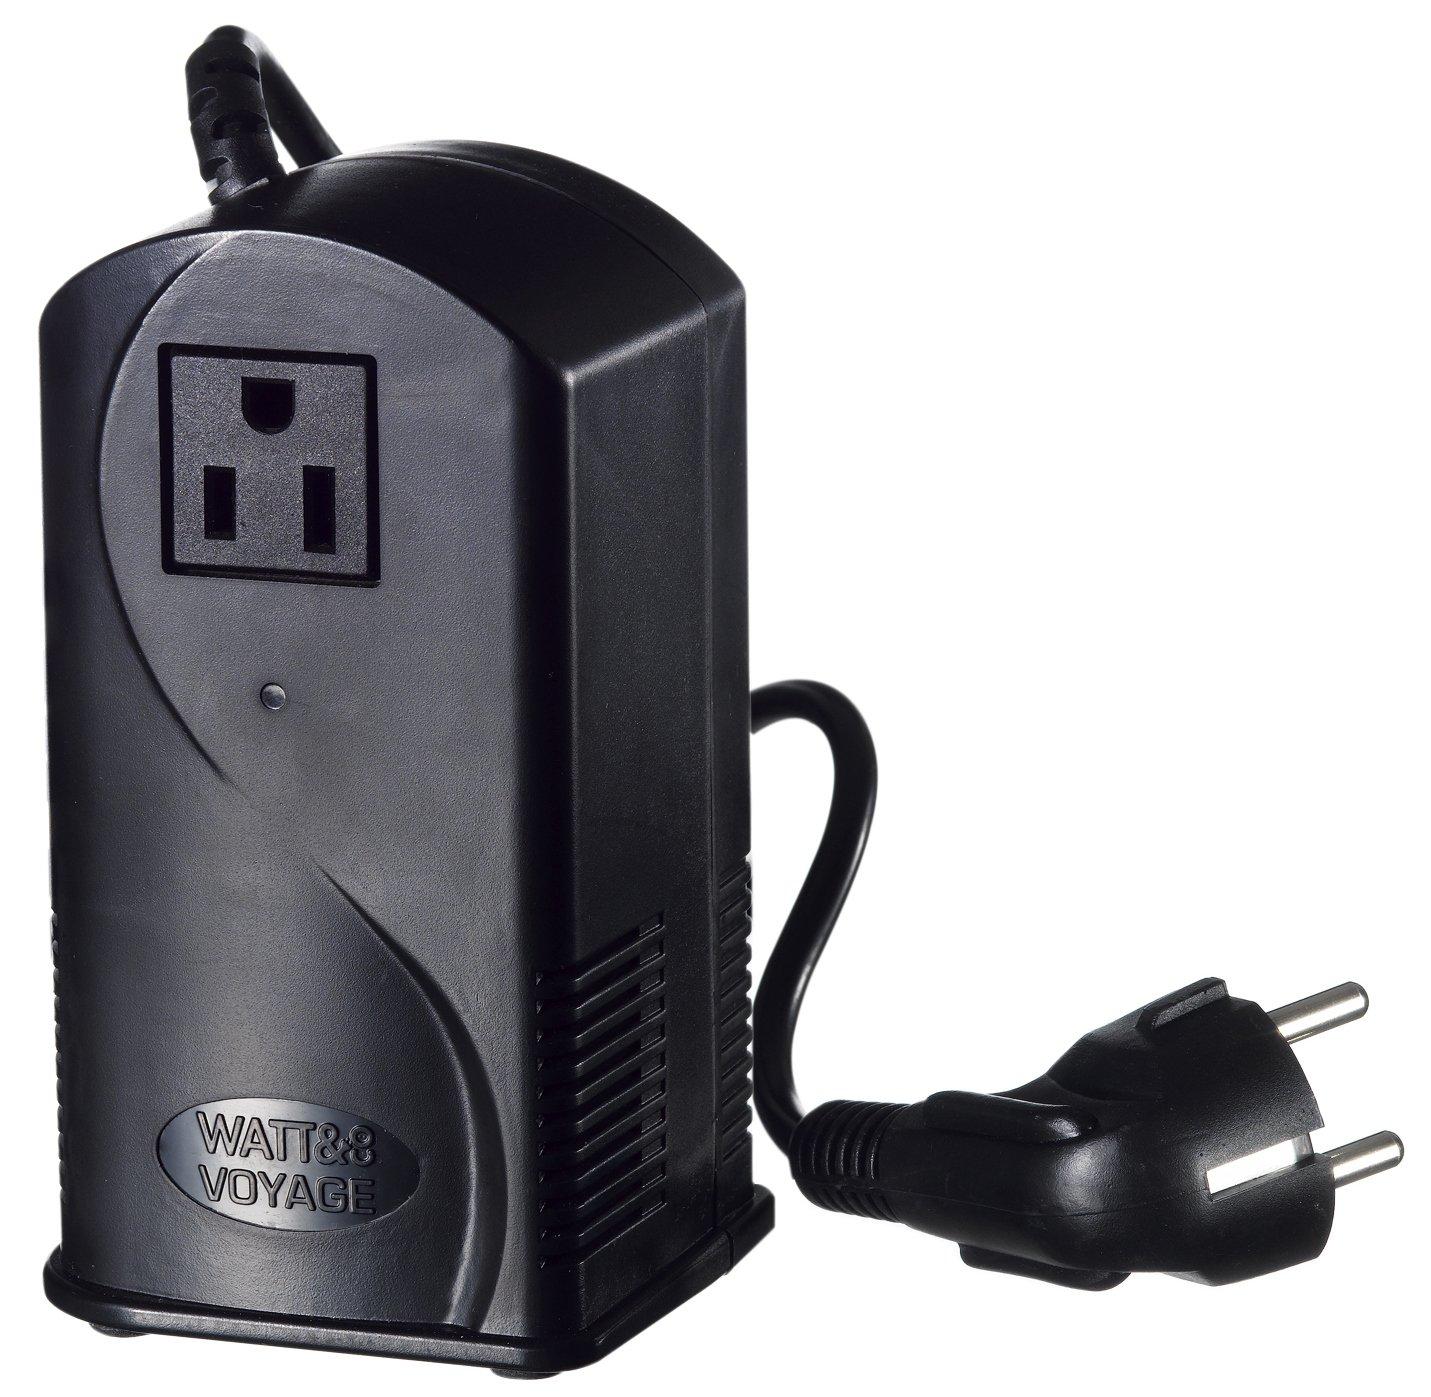 pa/íses de 110 voltios 220 V 100 w soluci/ón completa para uso en Estados Unidos protecci/ón absoluta Transformador reversible 110 V todos los dispositivos el/éctricos de 220 voltios Canad/á y Am/érica Latina